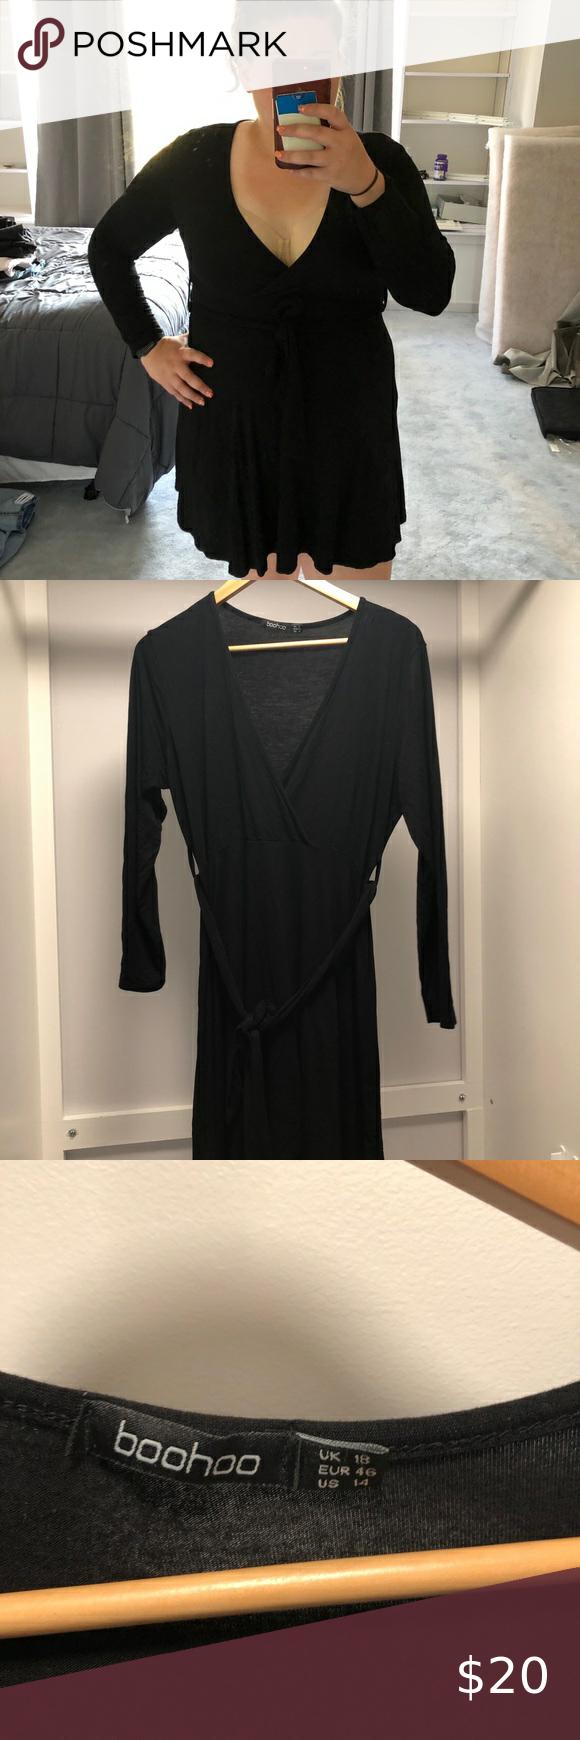 Boohoo Little Black Dress Boohoo Dresses Black Dress Little Black Dress [ 1740 x 580 Pixel ]